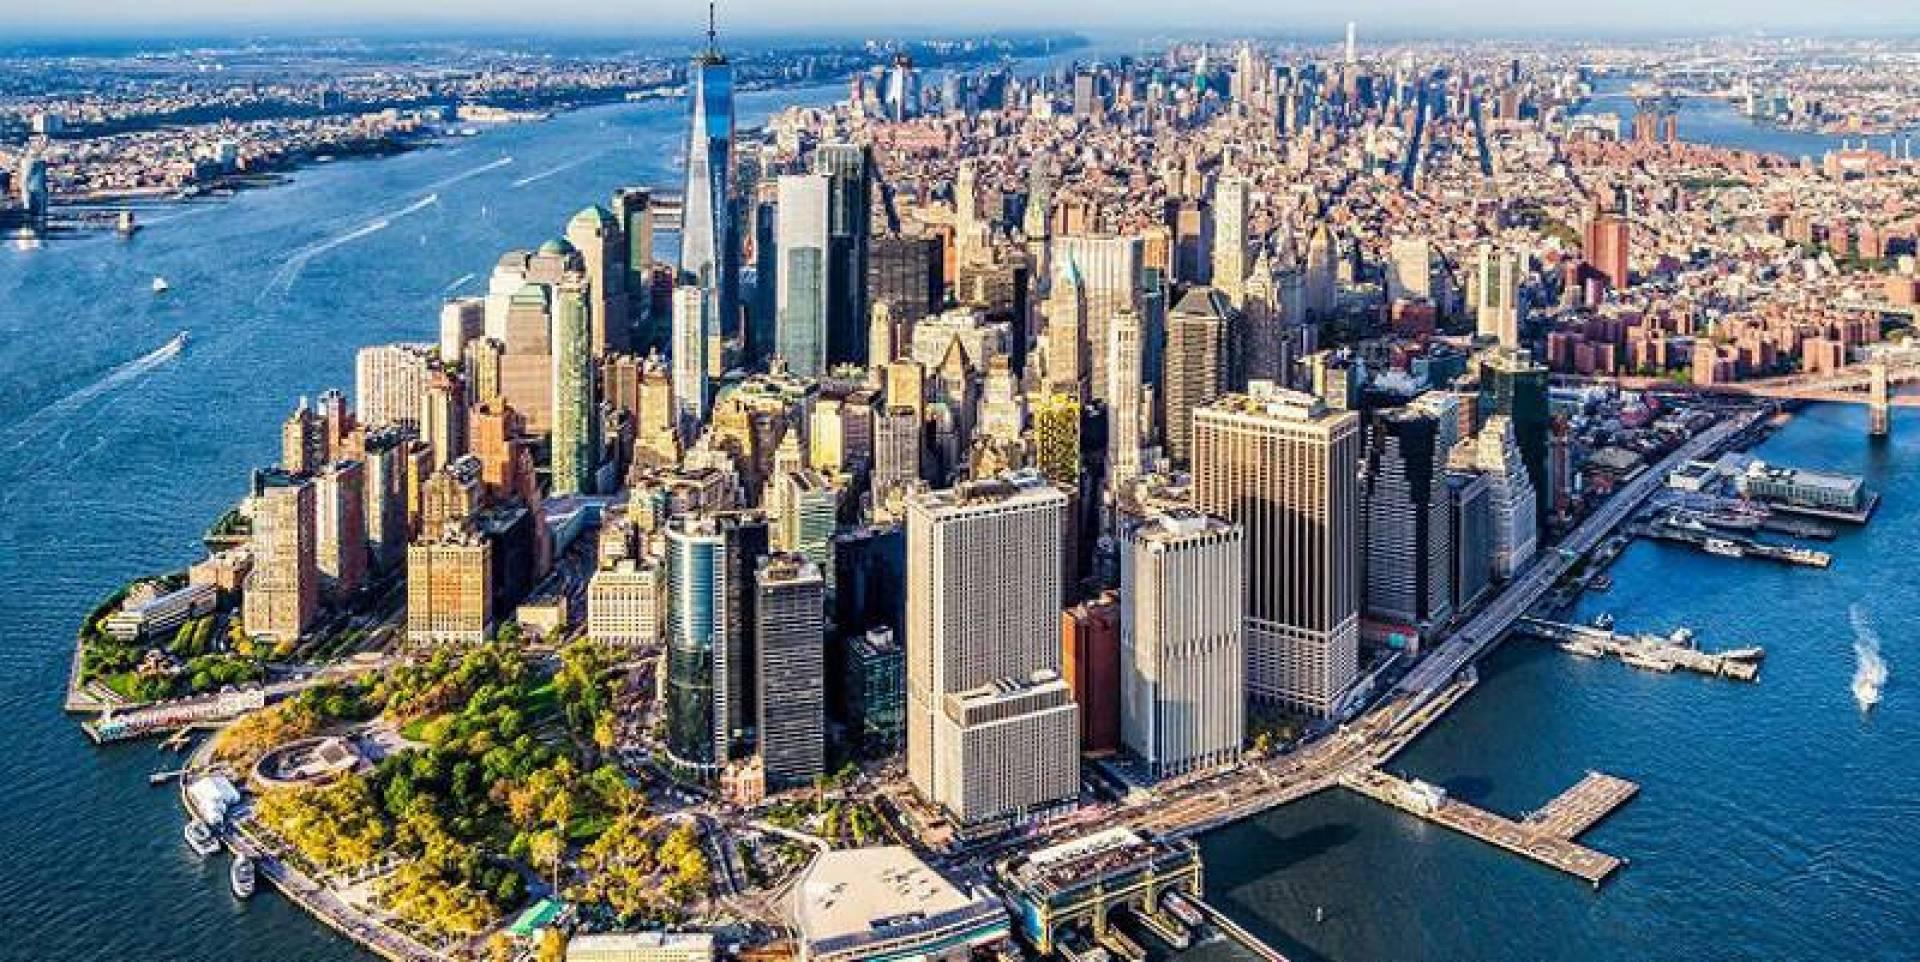 الوحدات السكنية الشاغرة في مانهاتن ترتفع إلى مستوى قياسي